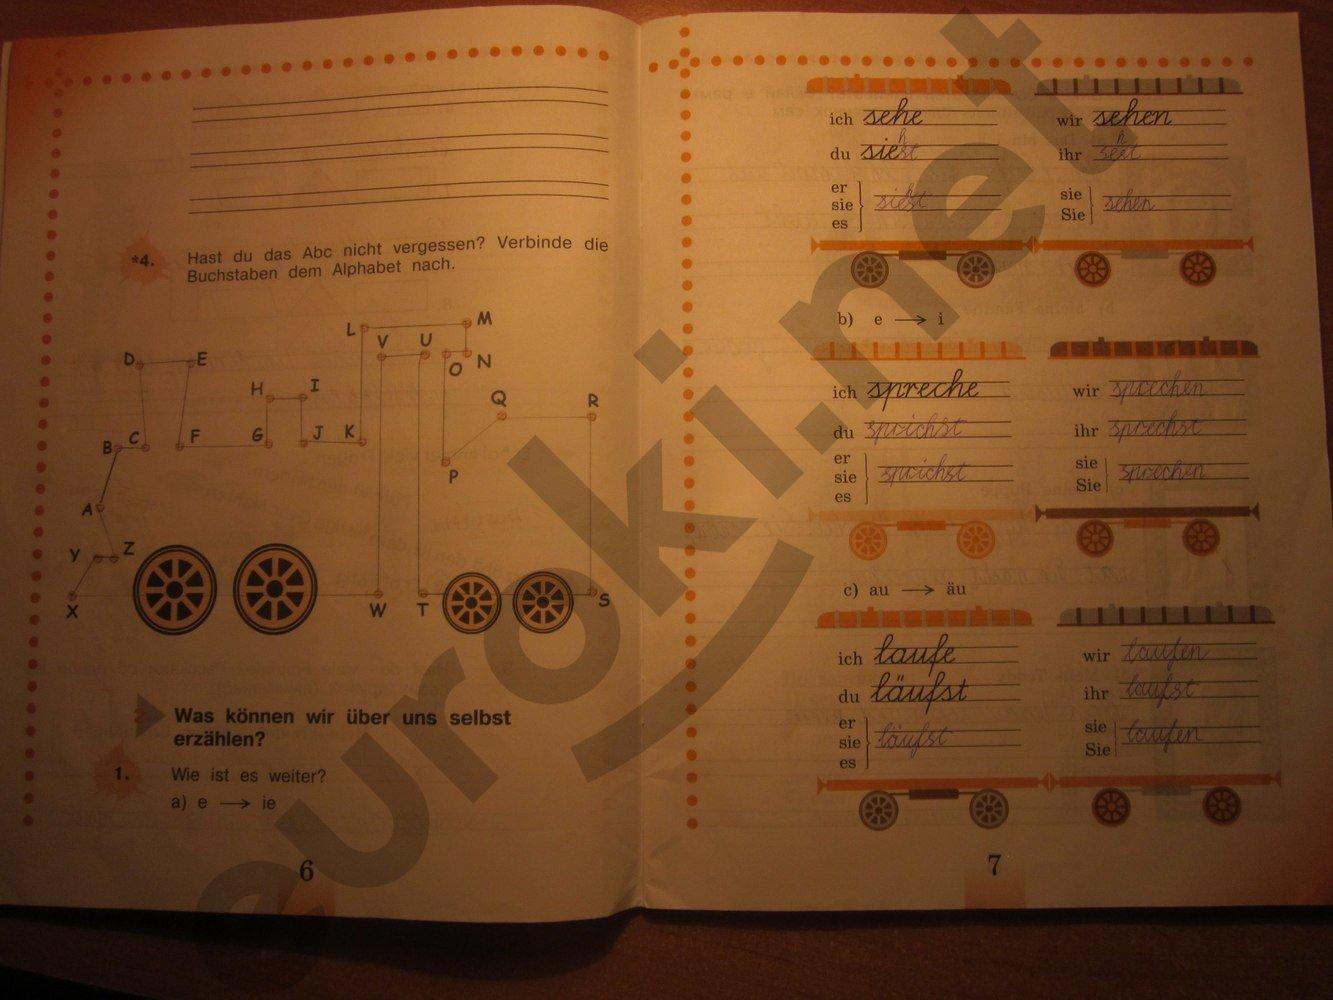 язык 4 решебник и класс тетрадь немецкий часть